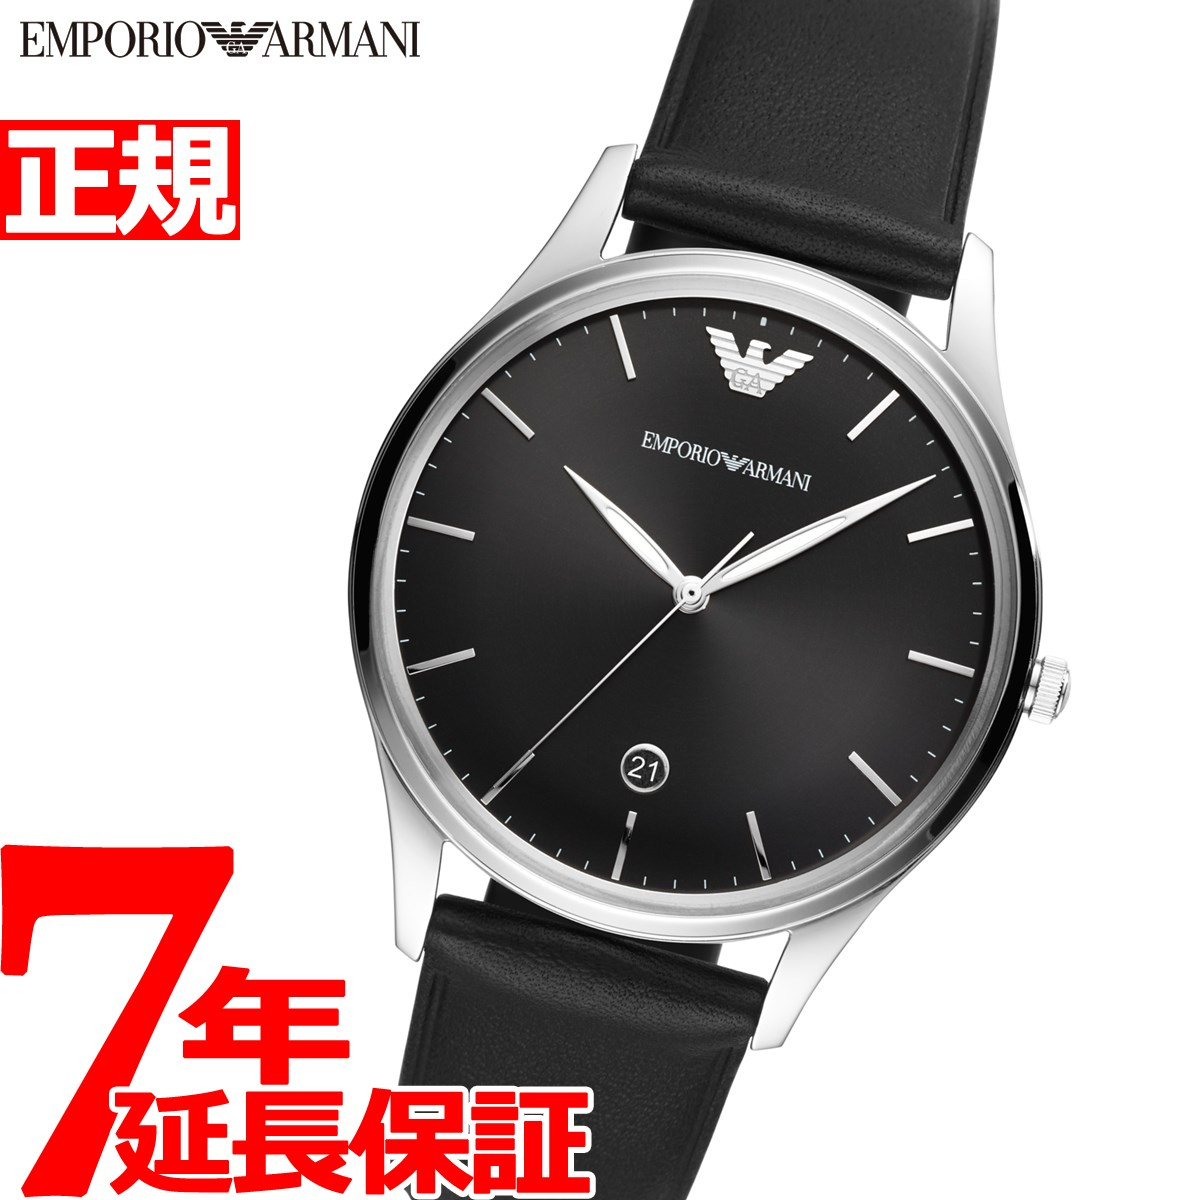 【5日0時~♪10%OFFクーポン&店内ポイント最大51倍!5日23時59分まで】エンポリオアルマーニ EMPORIO ARMANI 腕時計 メンズ AR11287【2020 新作】